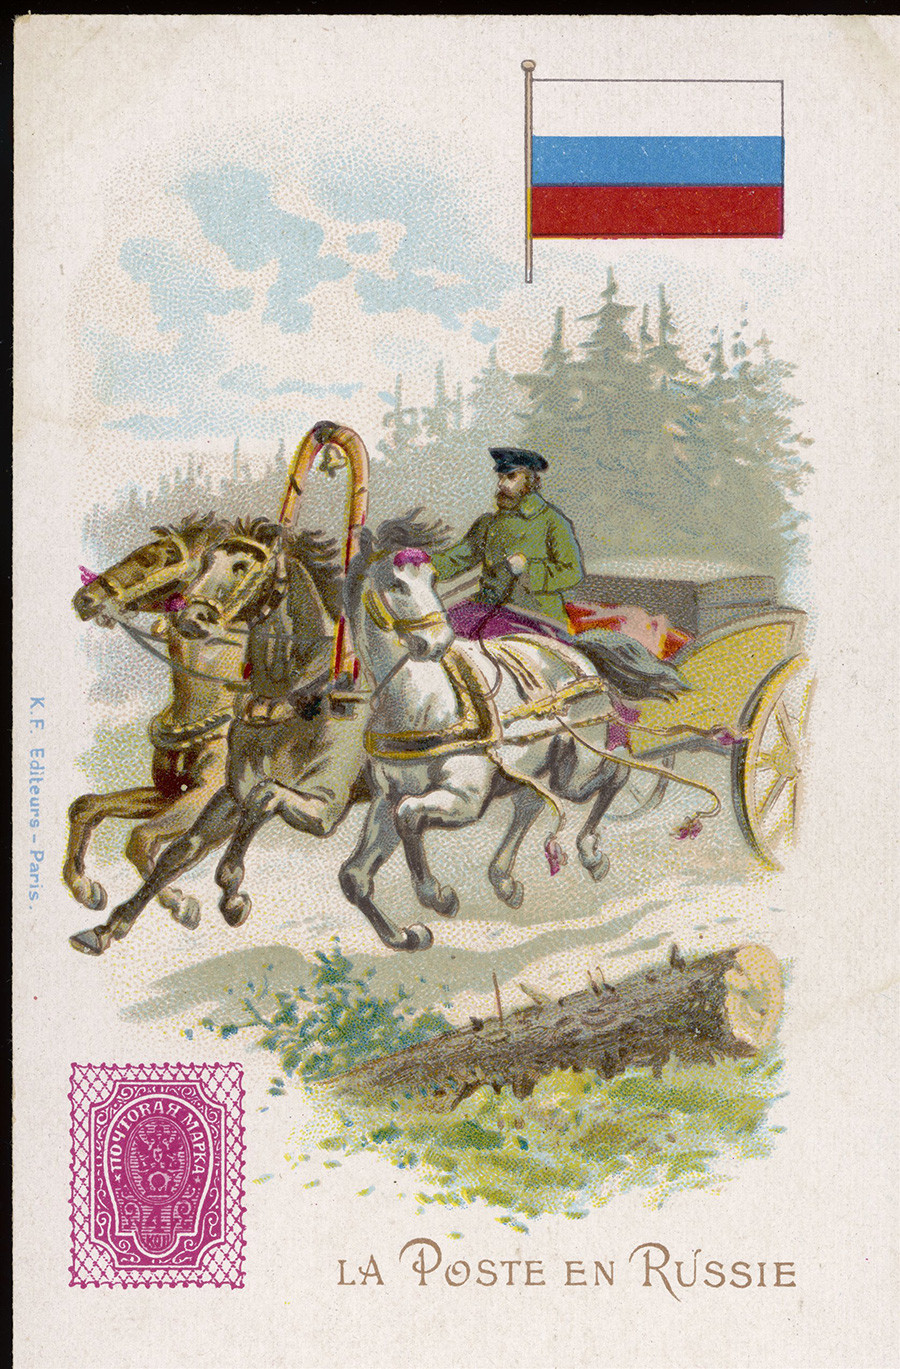 Com três cavalos para puxar sua troika, o carteiro russo pode fazer seu trajeto com velocidade e conforto. Postal emitido por volta do ano de 1900.